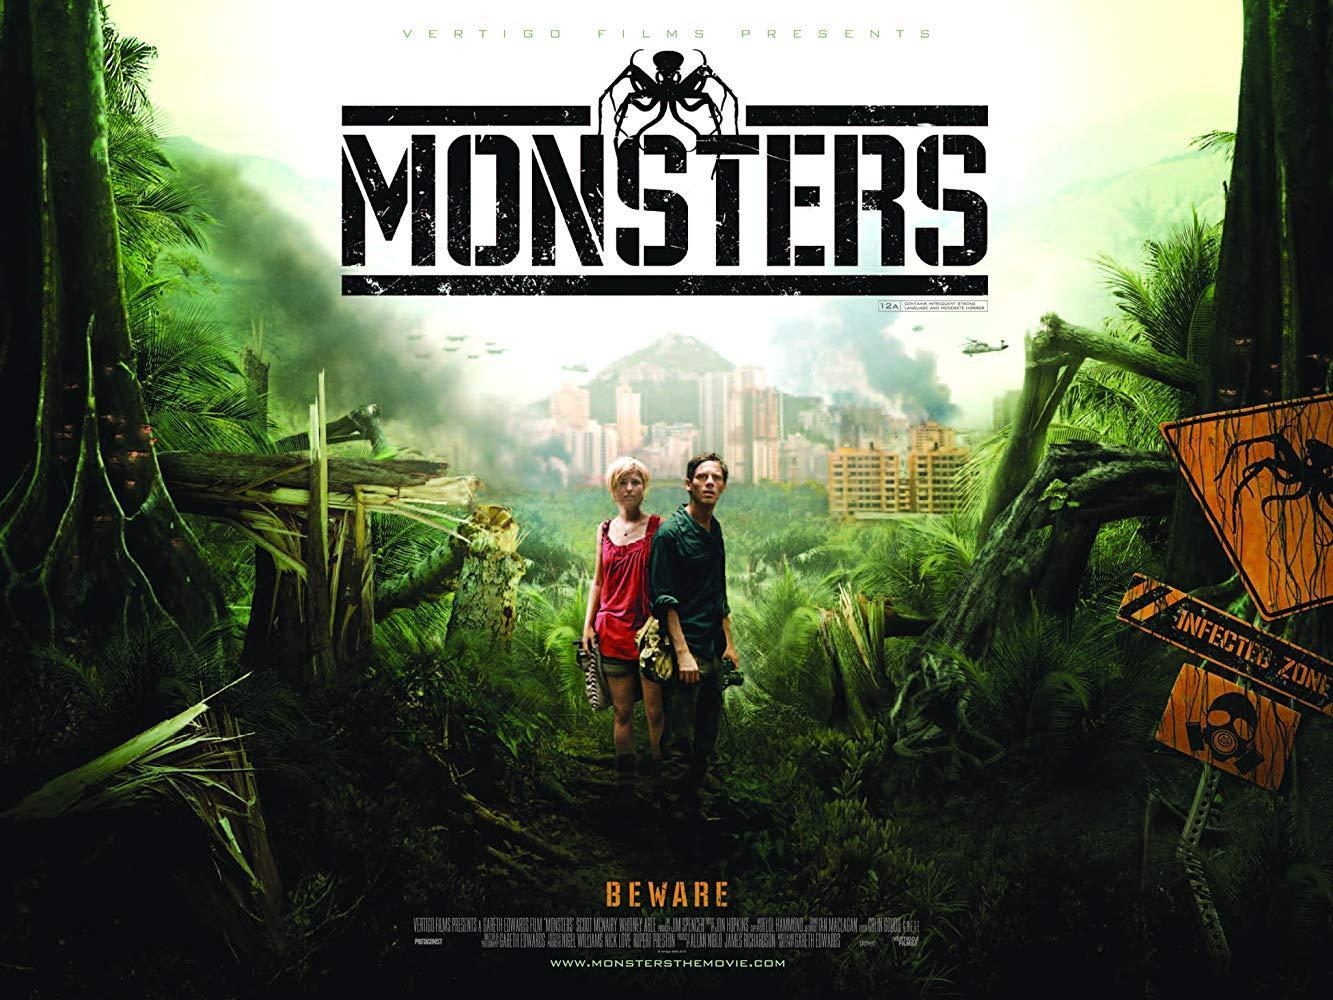 مشاهدة فيلم Monsters 2010 HD مترجم كامل اون لاين